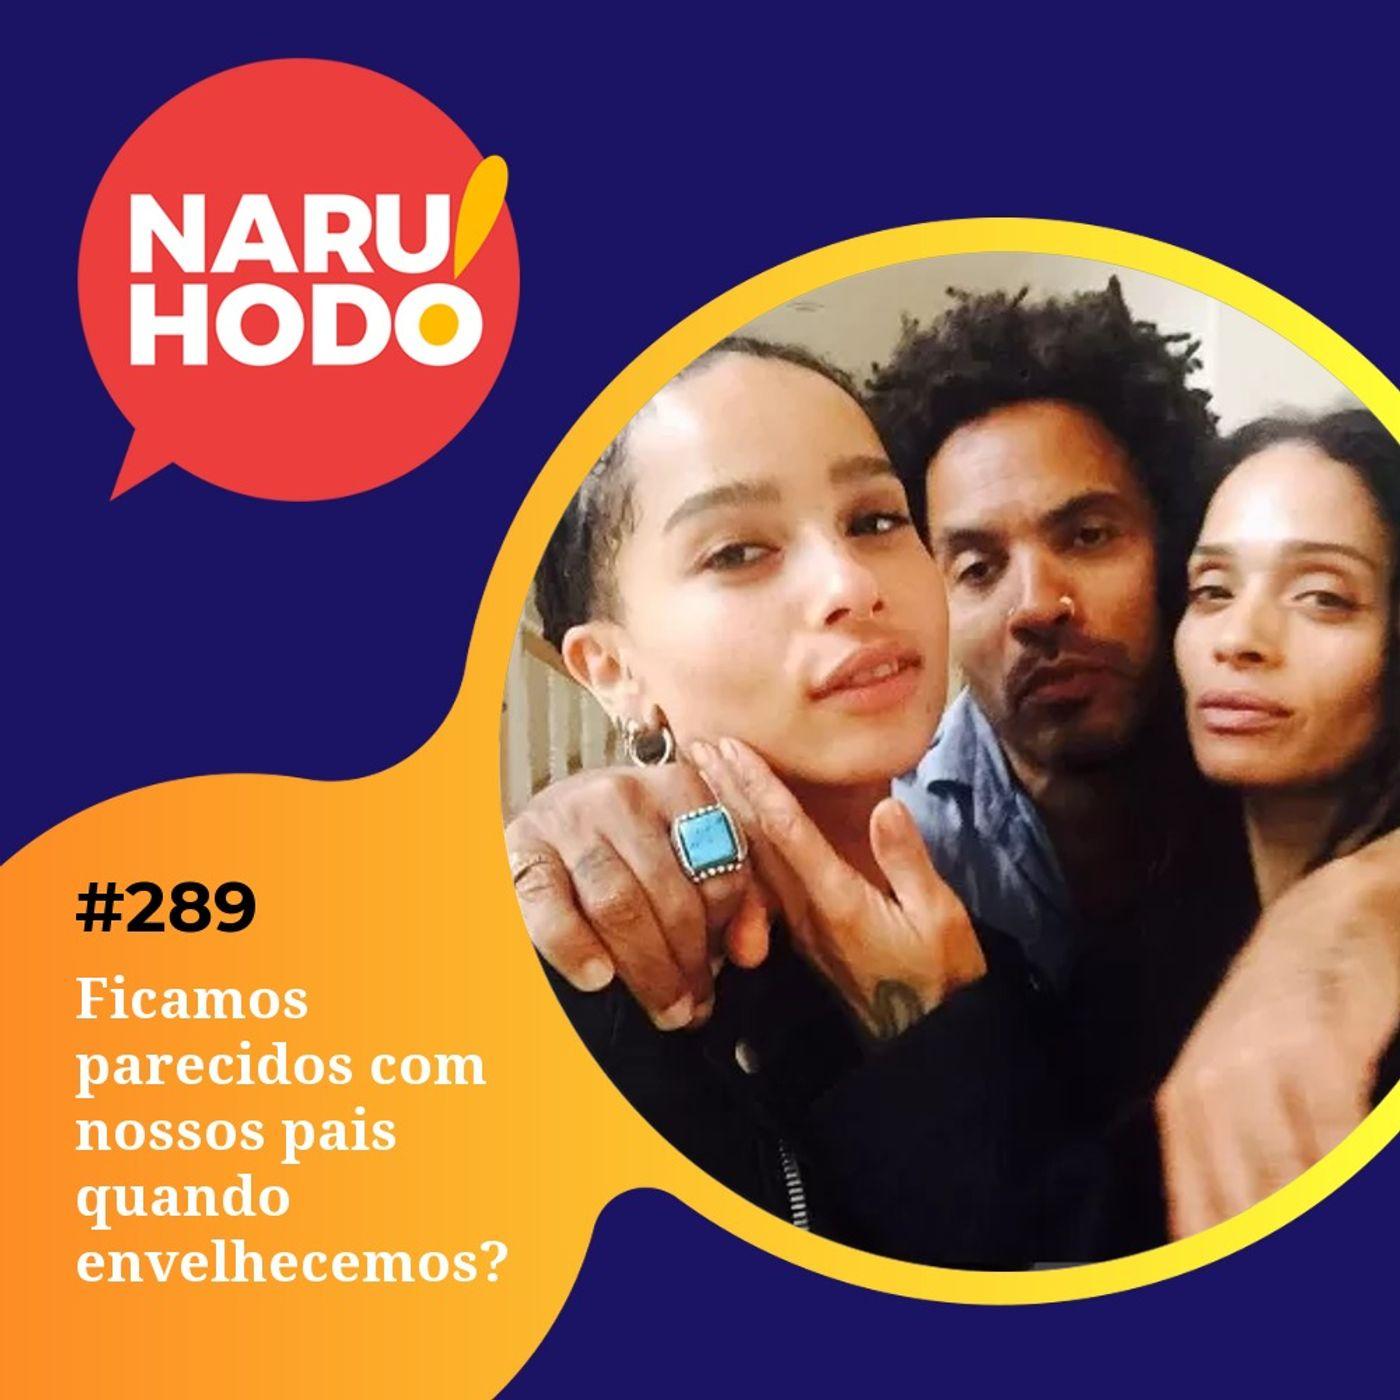 Naruhodo #289 - Ficamos parecidos com nossos pais quando envelhecemos?